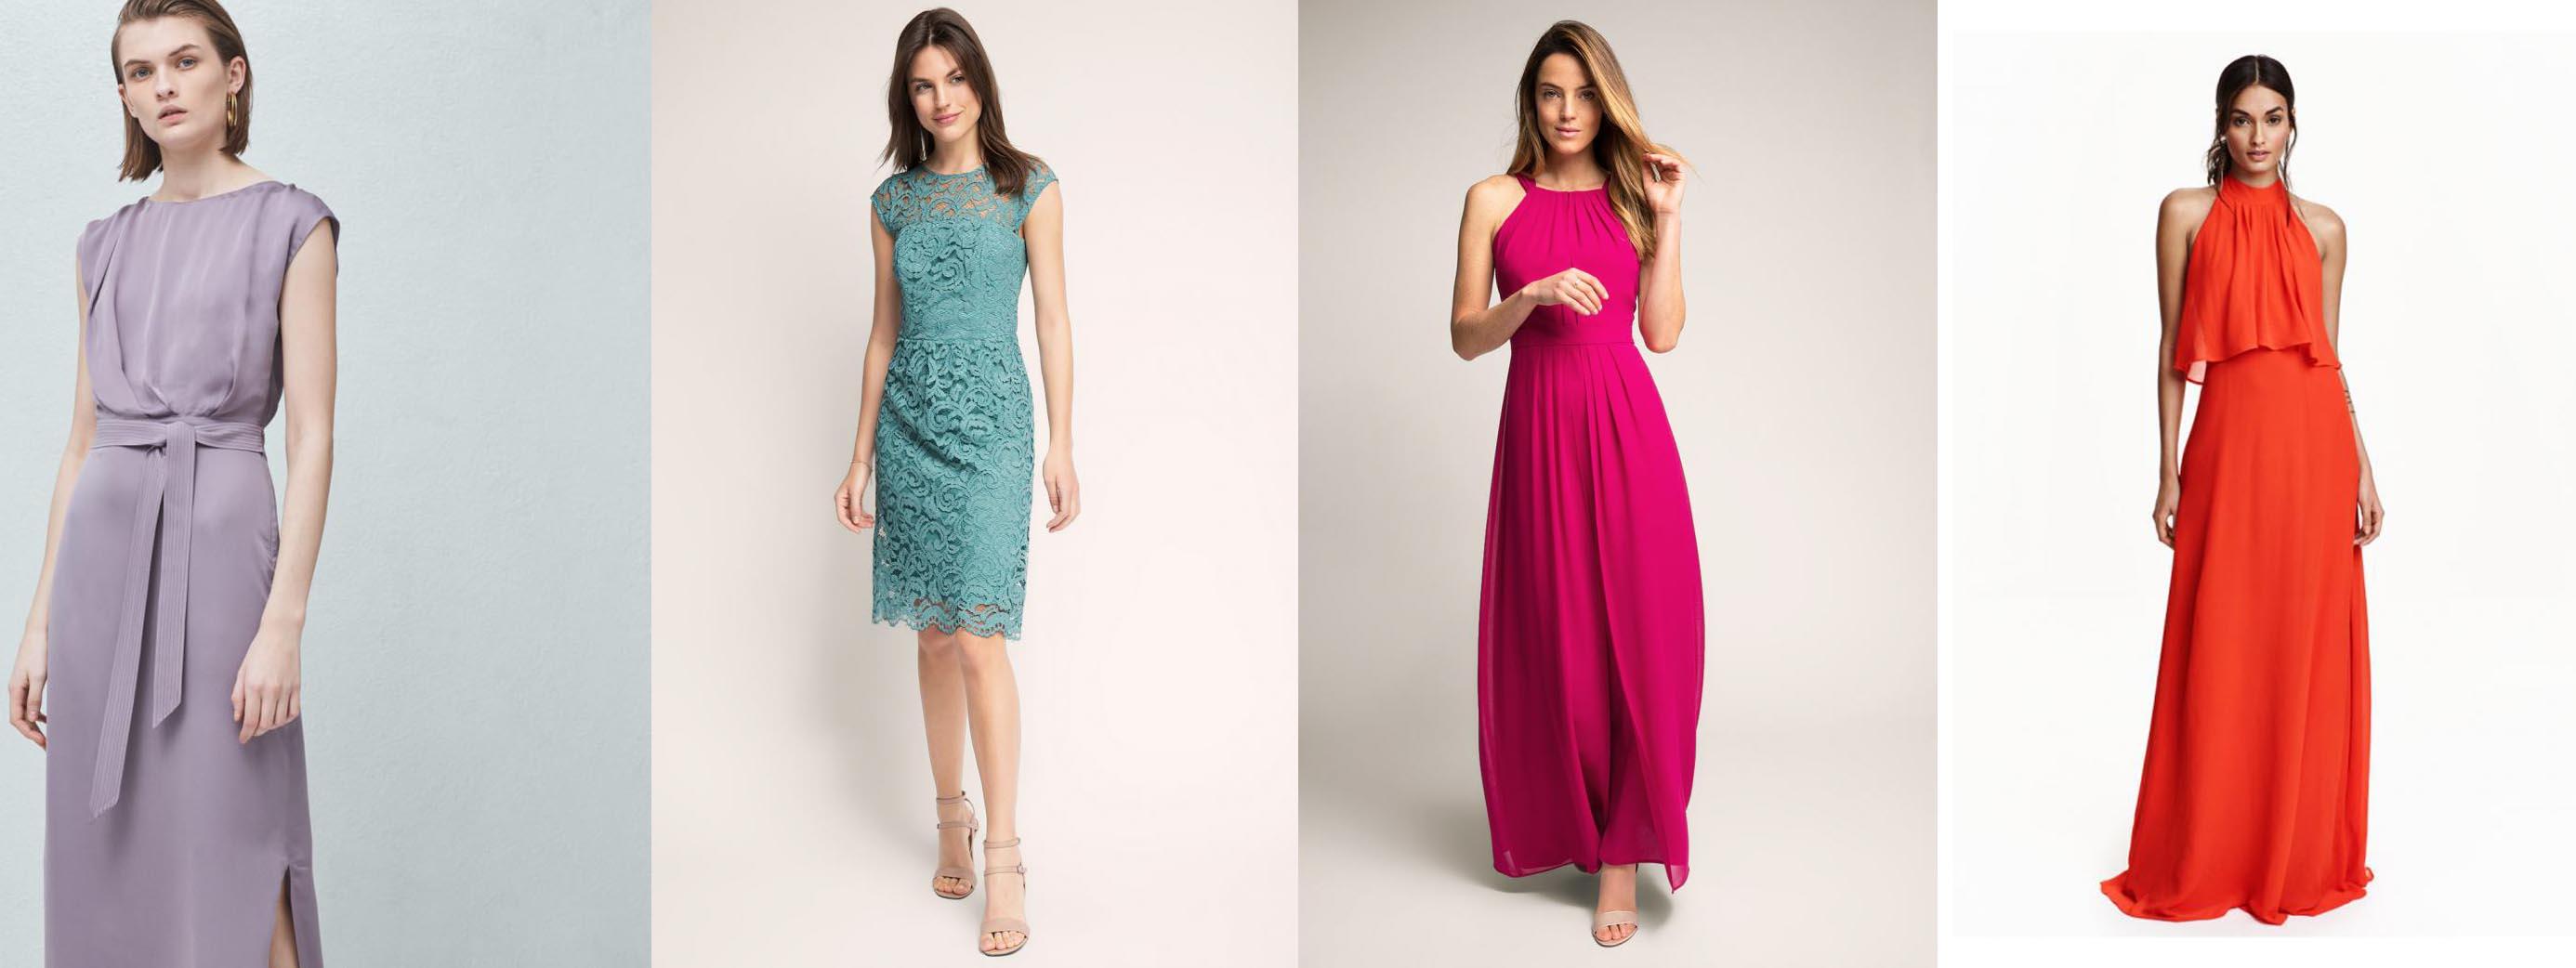 Shoppen: 16x de mooiste outfits voor een bruiloft